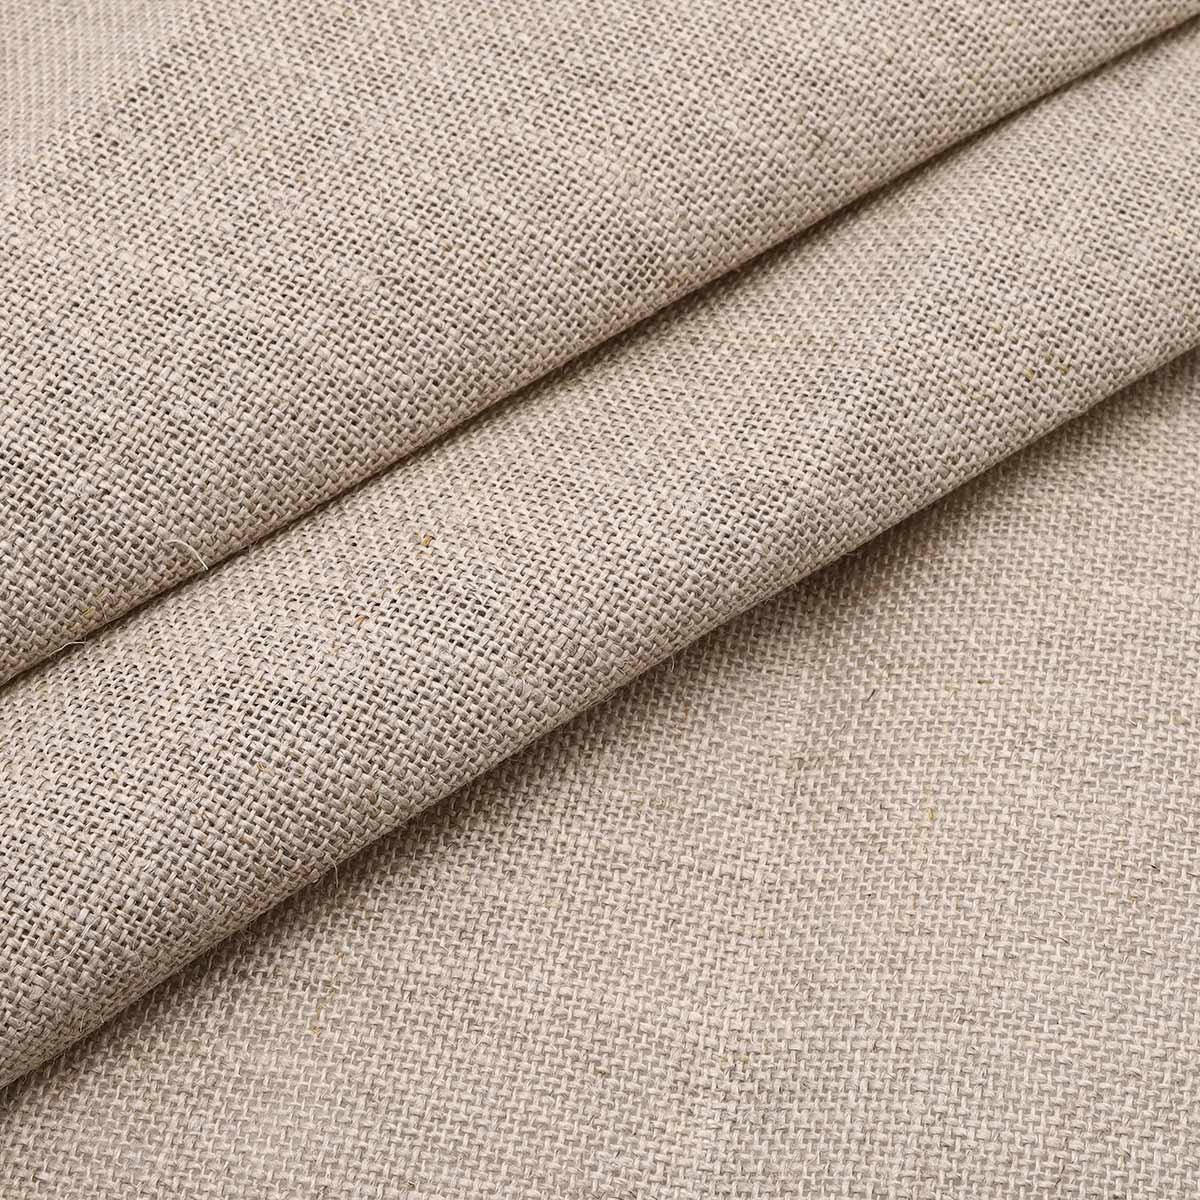 Канва в упаковке 3281/53 Cashel 28ct (100%лен) 50х70см